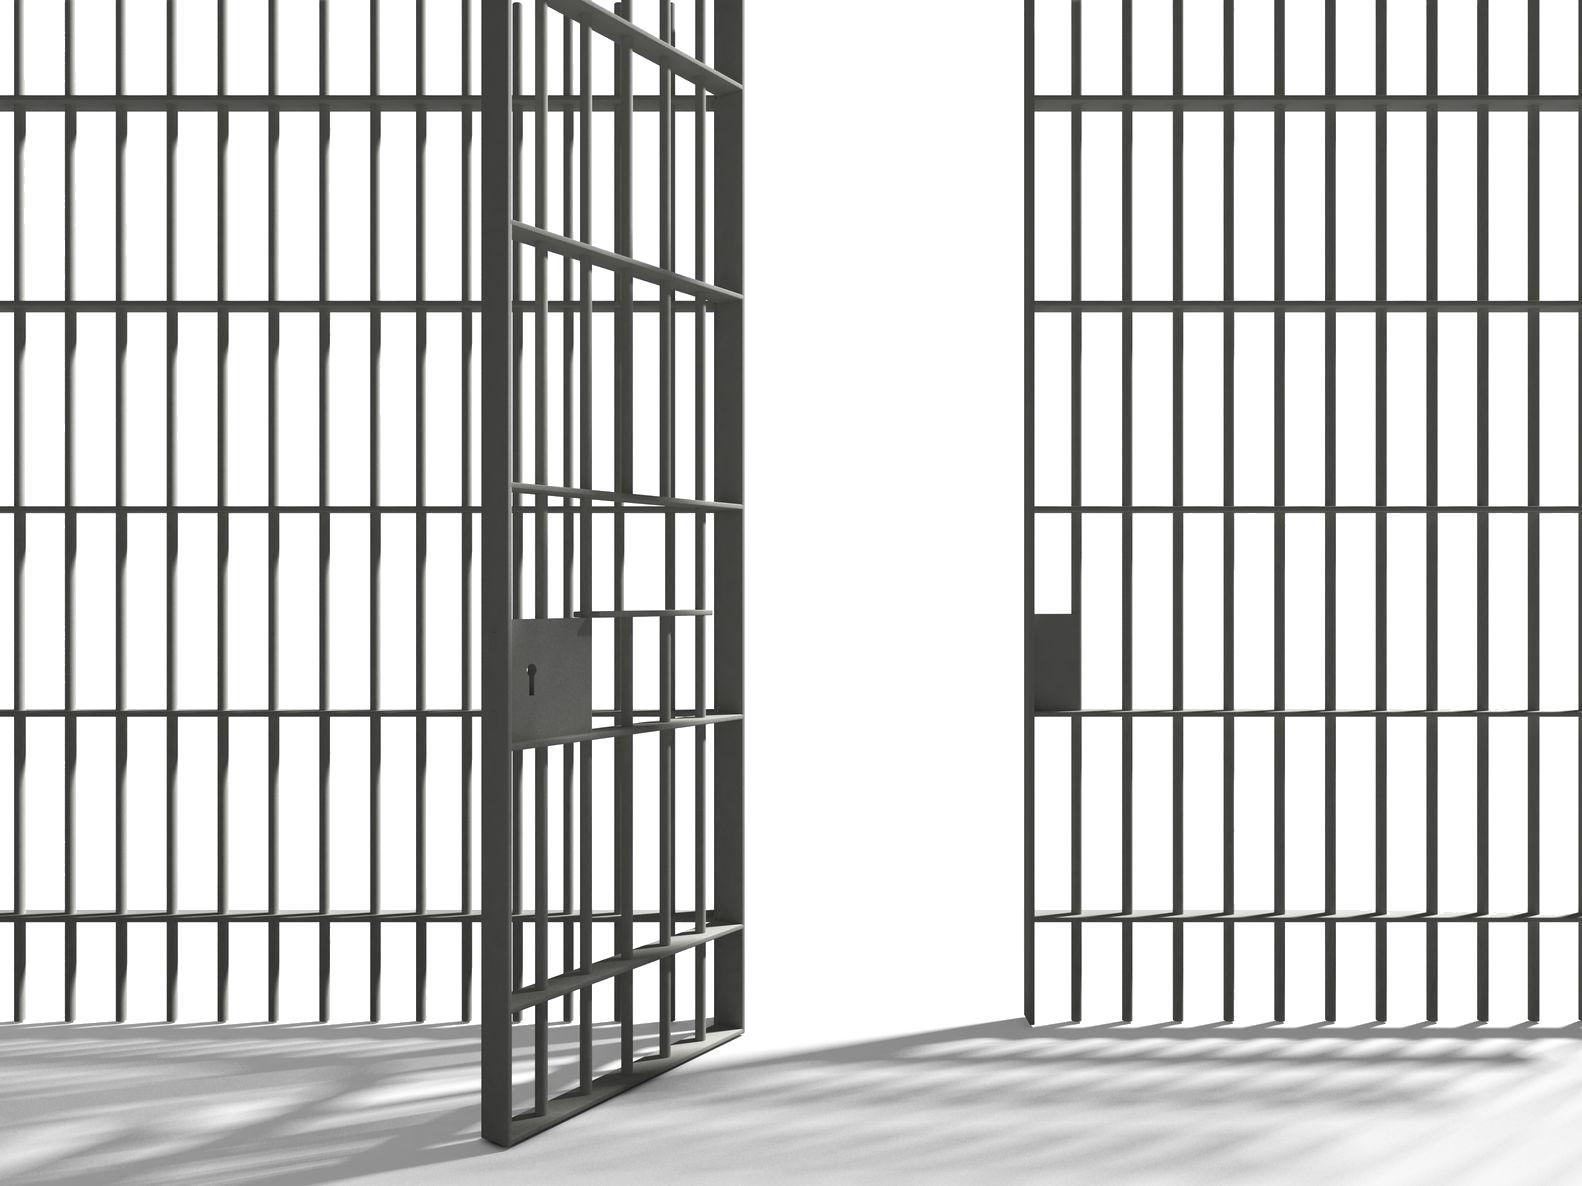 Тюремная решетка PNG